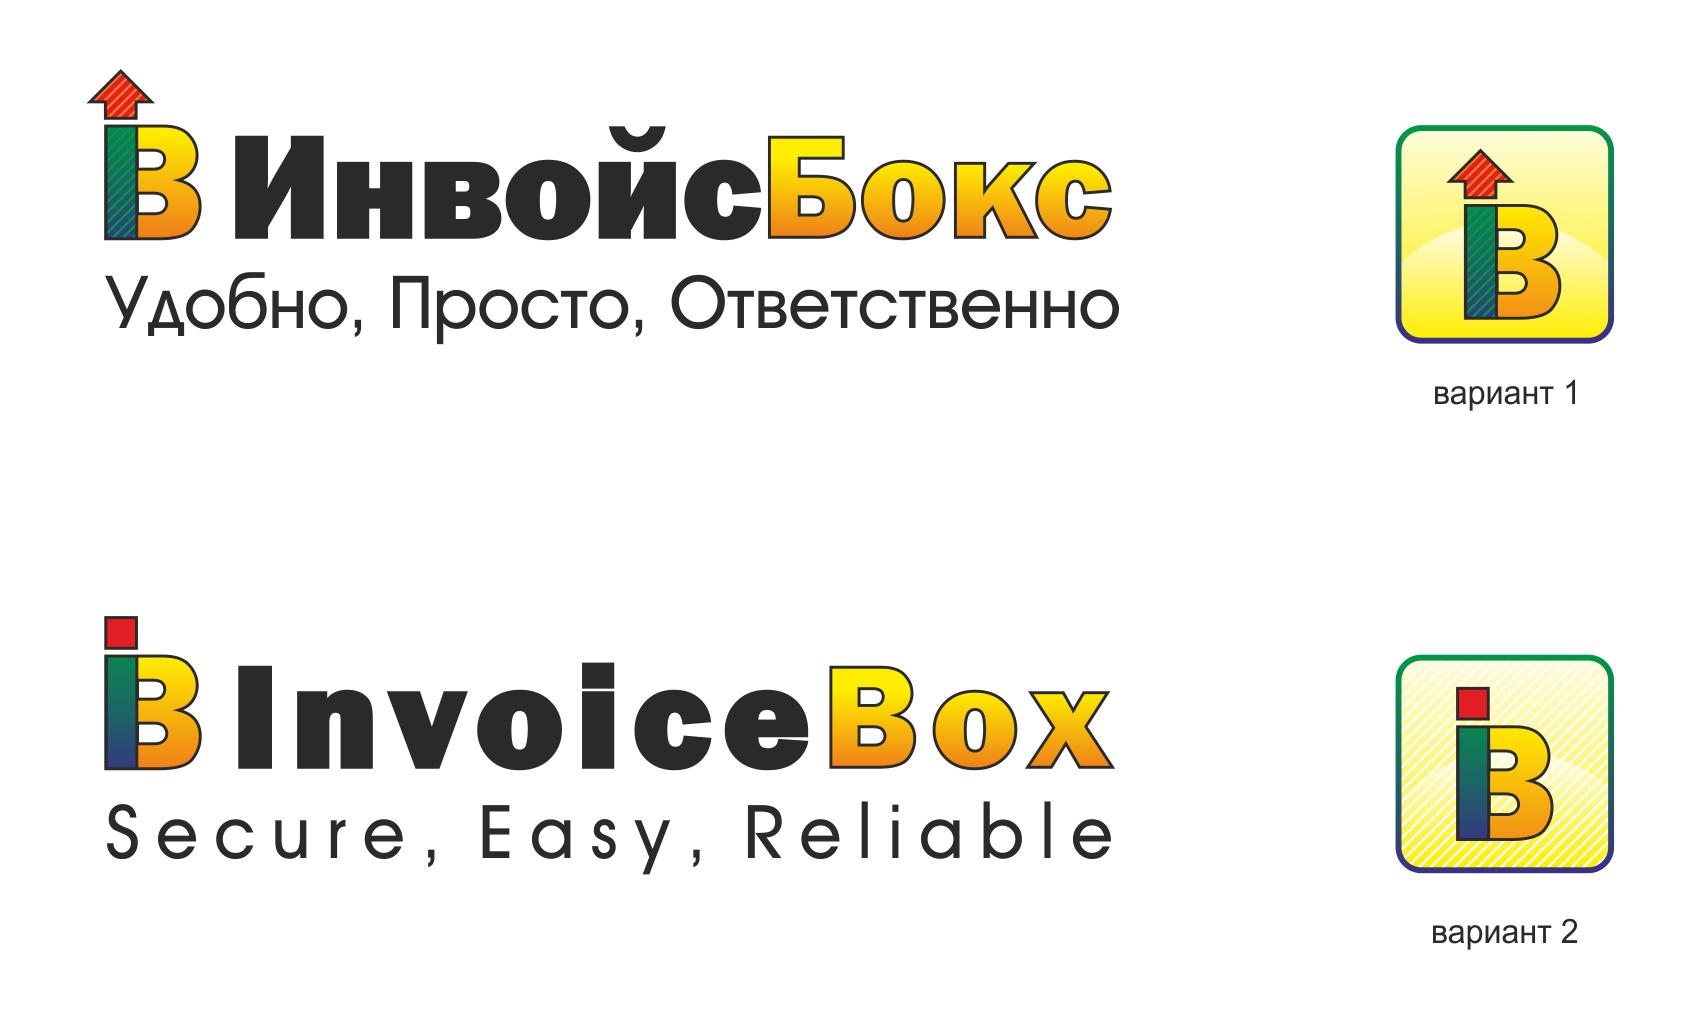 Разработка фирменного стиля компании фото f_0975c183e5bd3b3f.jpg